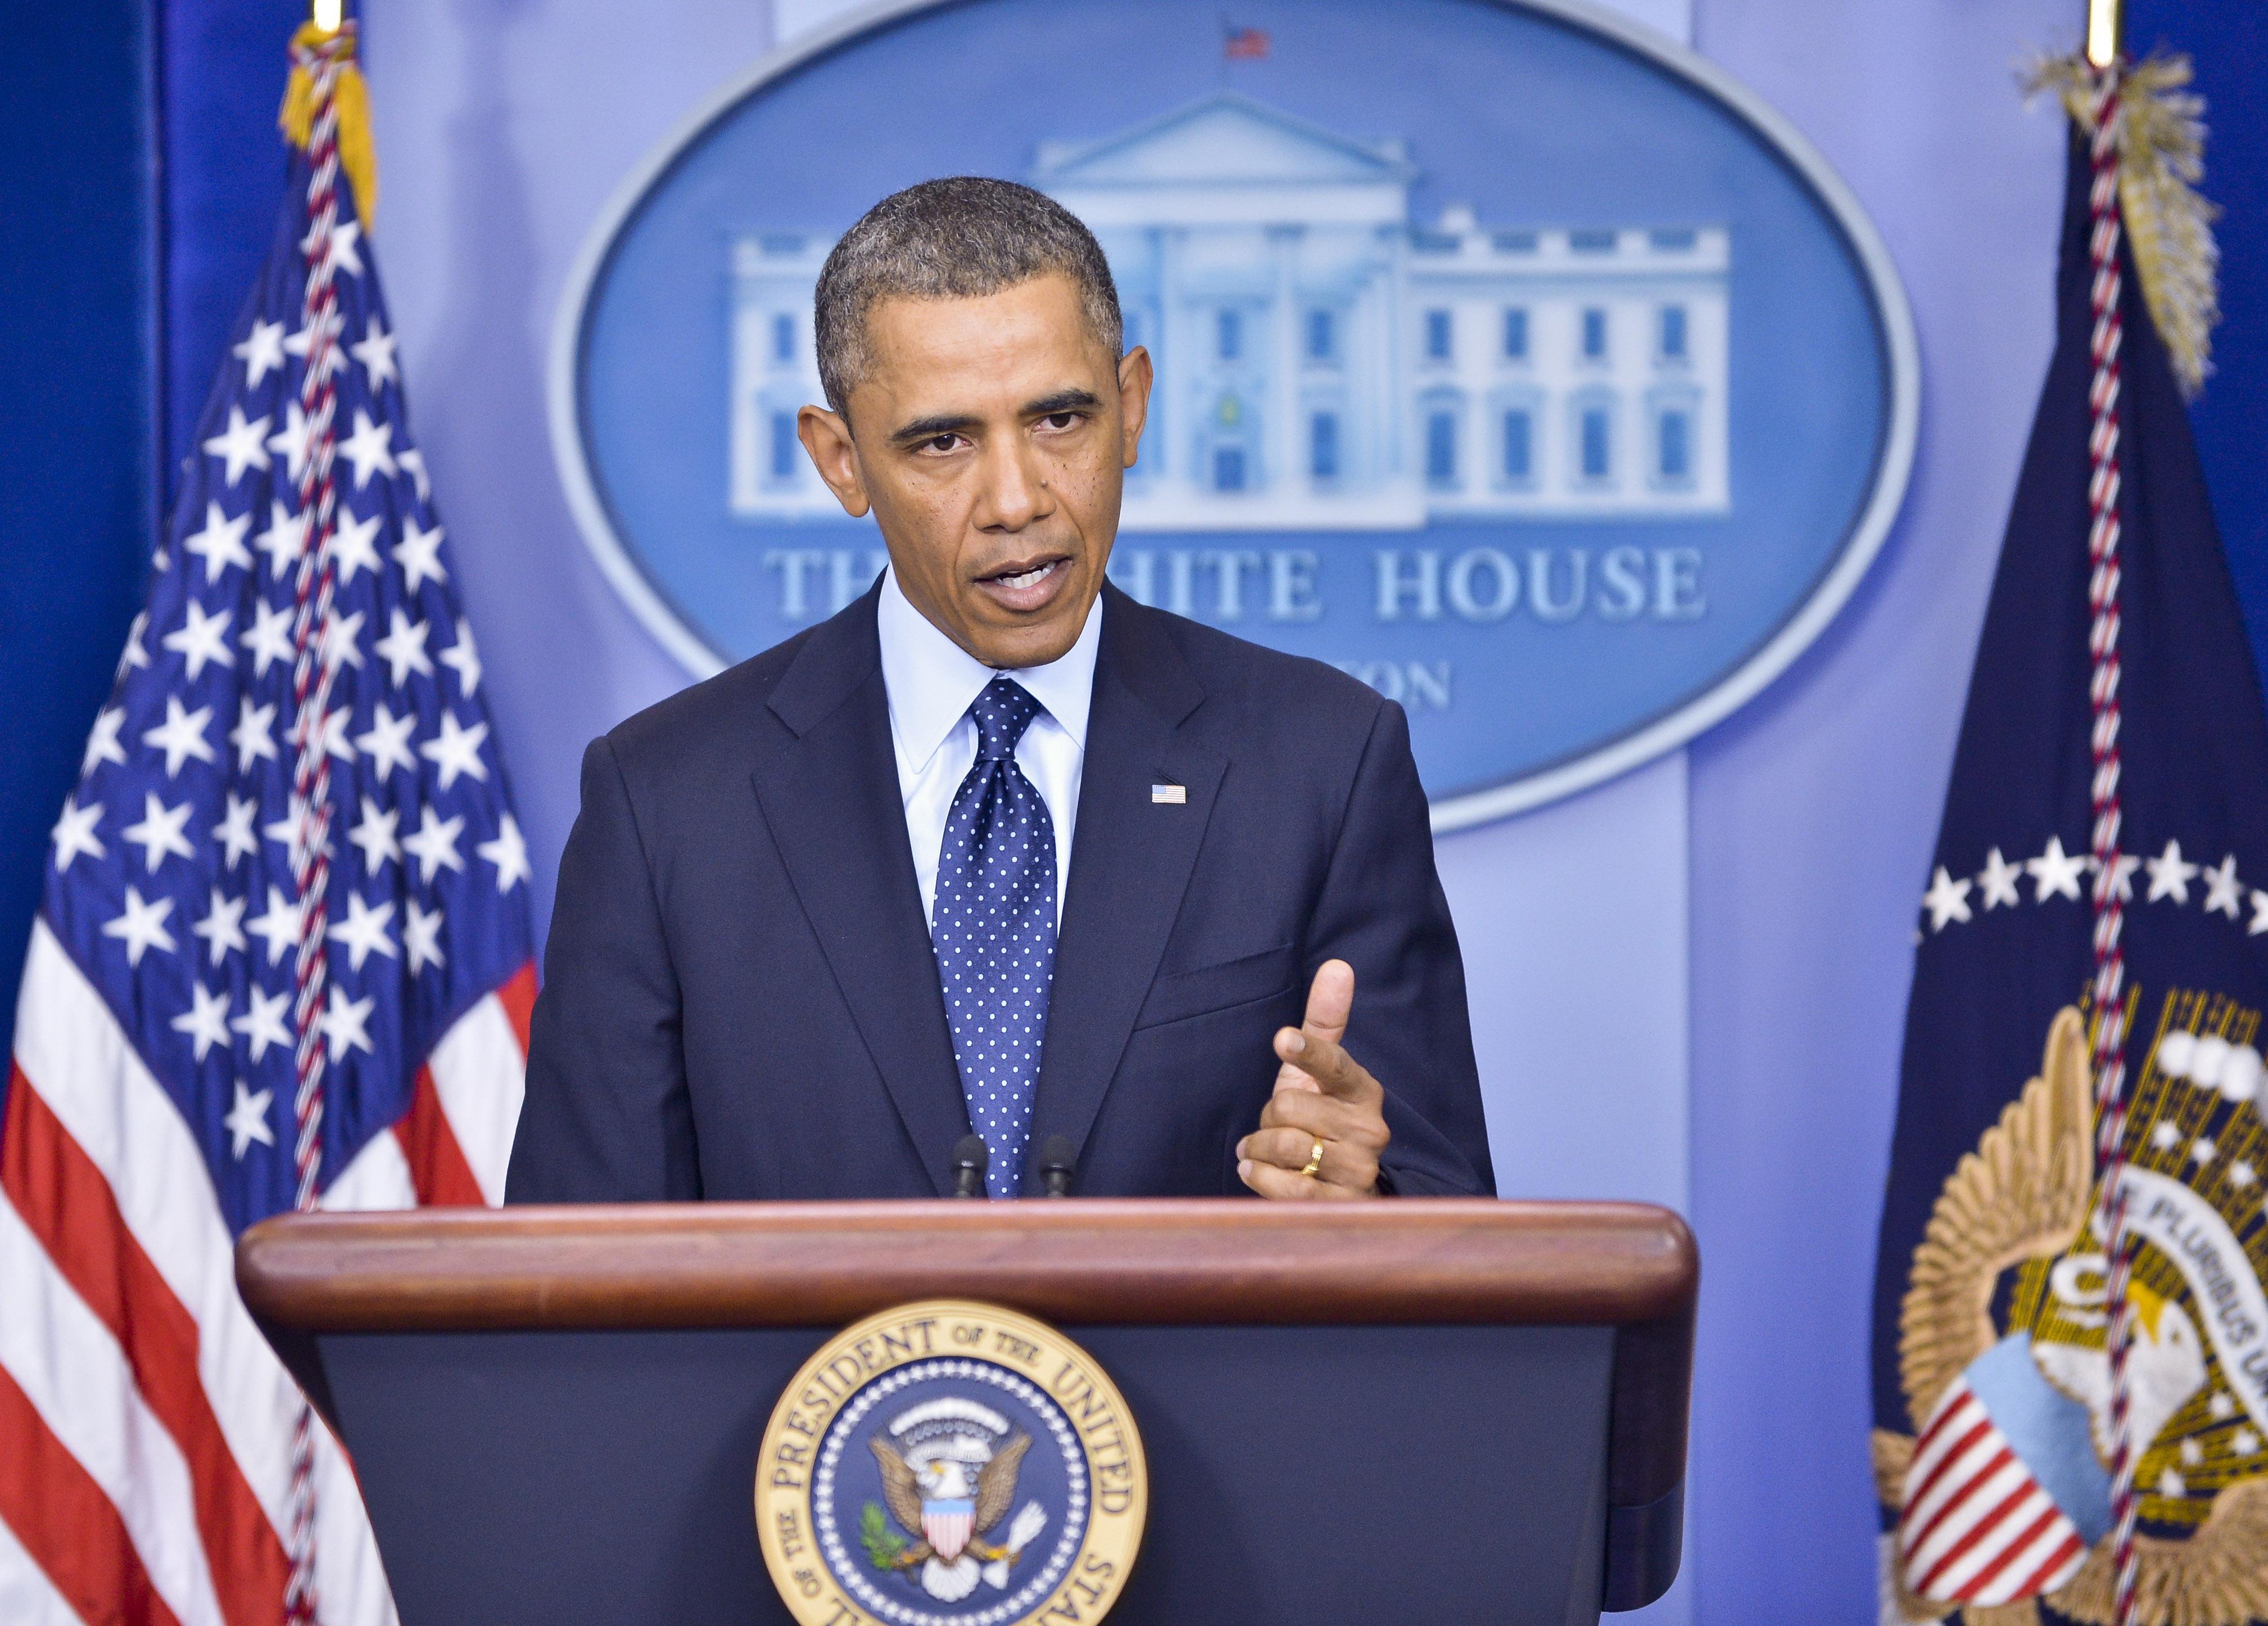 Intervention militaire en Libye : les regrets d'Obama